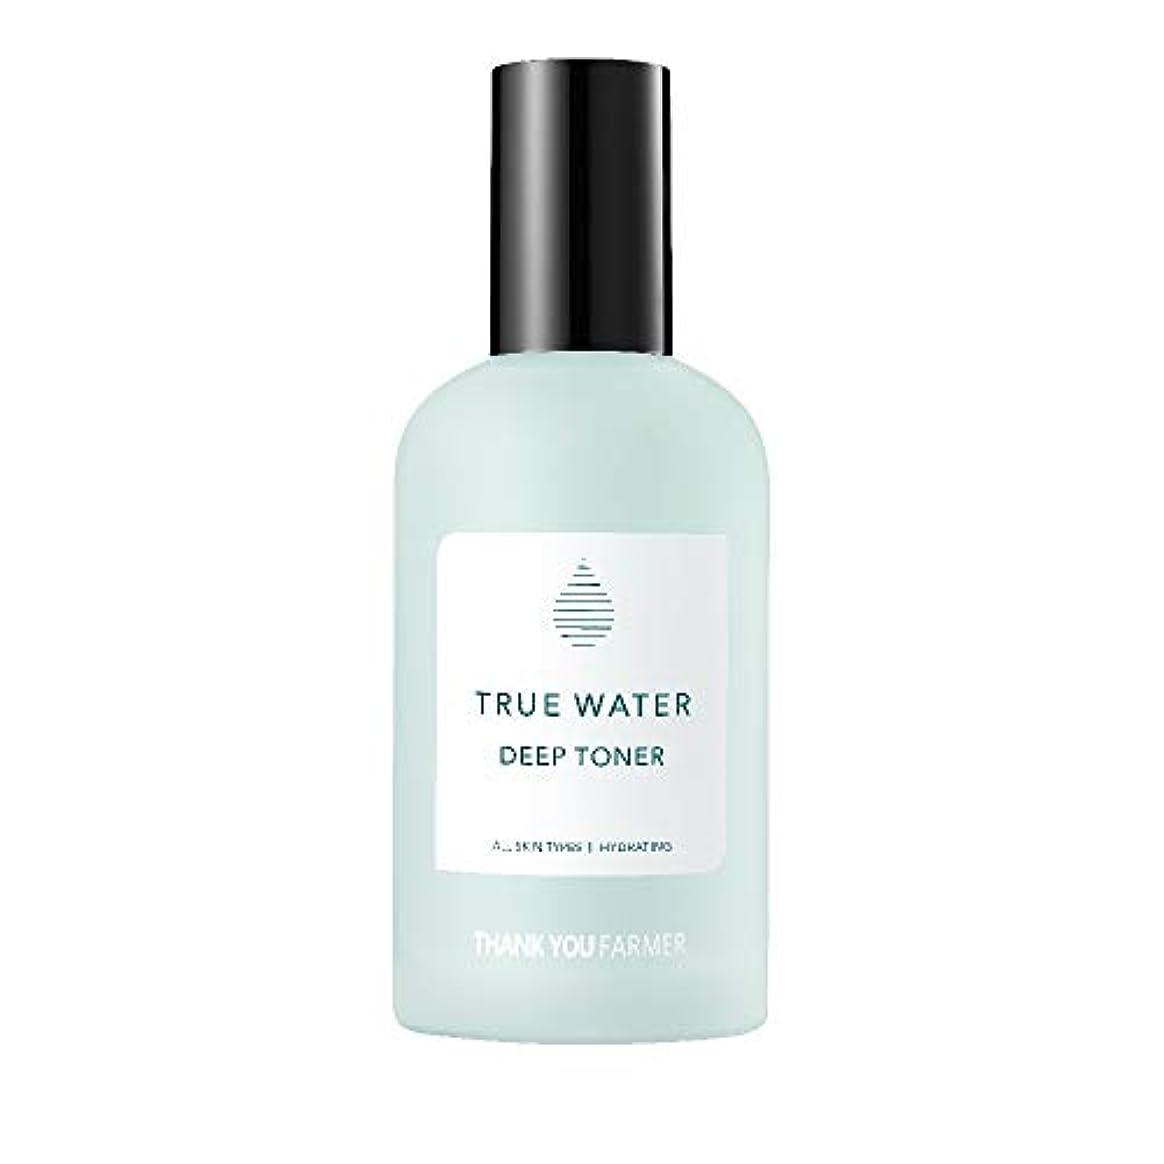 修羅場ほこりっぽい不確実THANK YOU FARMER [サンキューファーマー] トゥルーウォーター ディープ トナー 化粧水